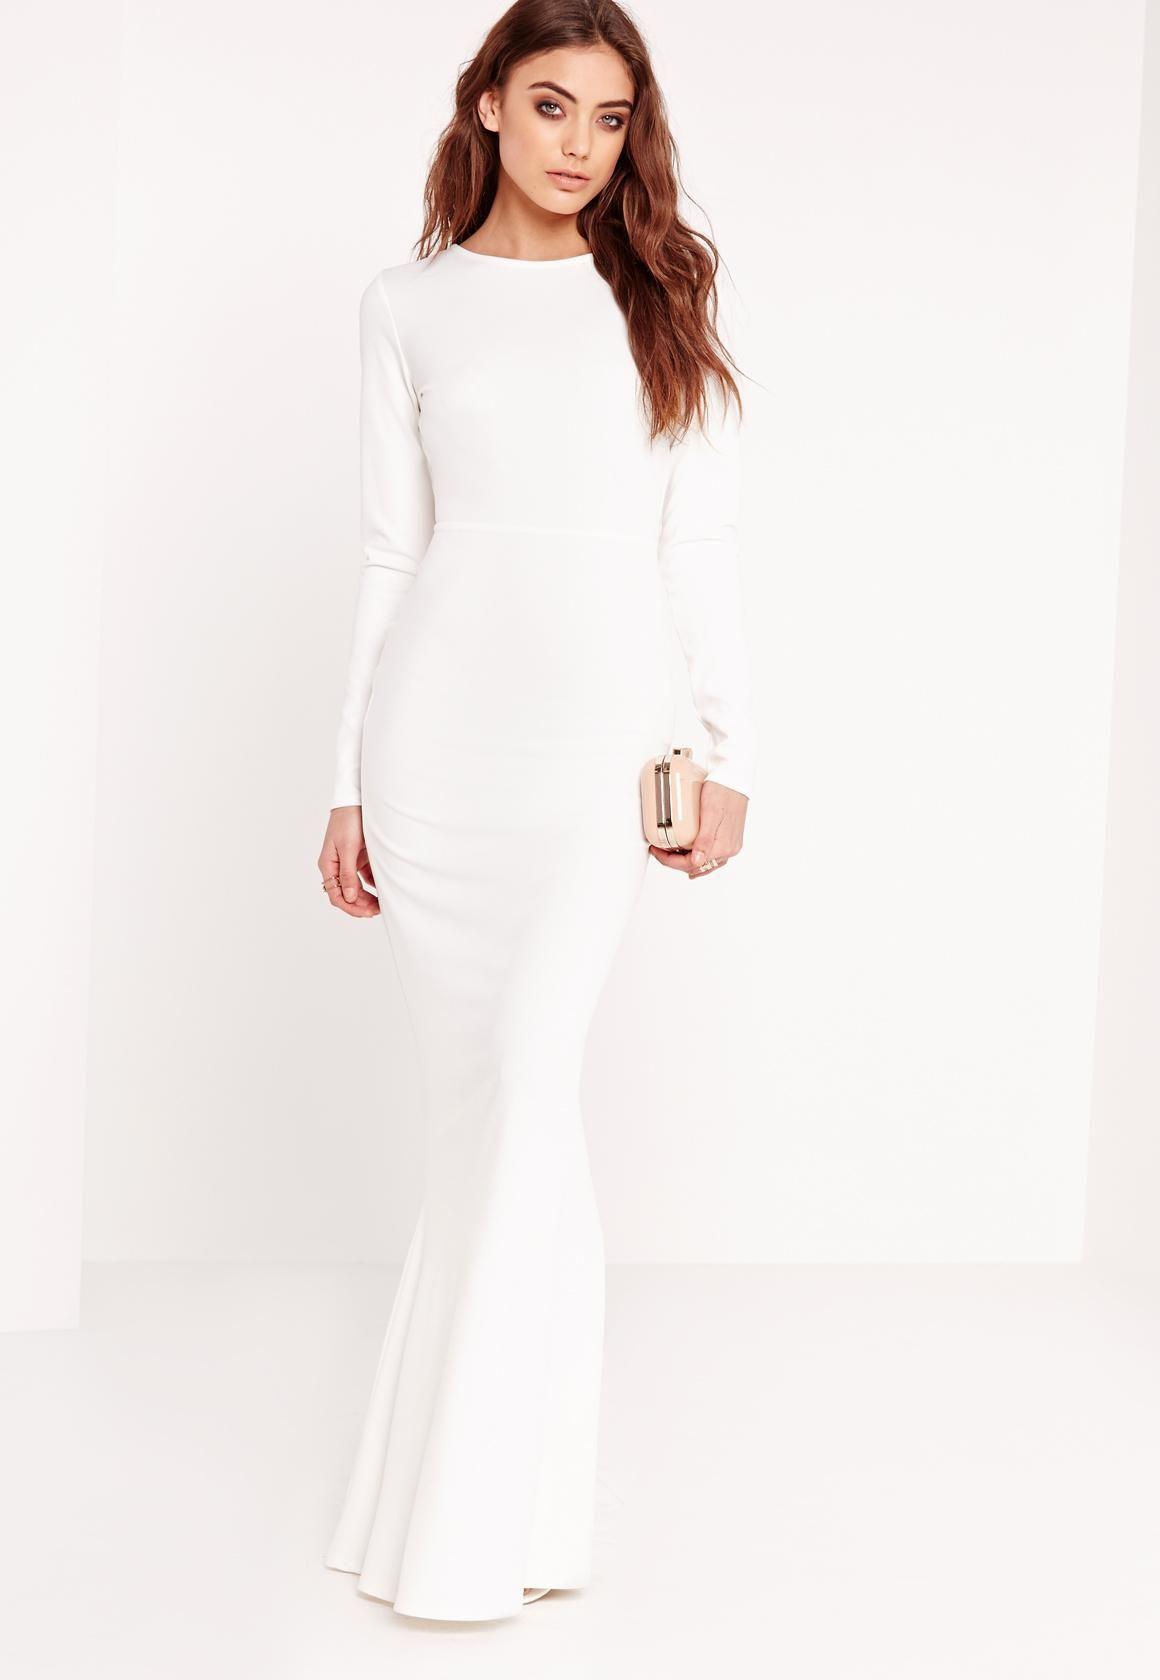 c88a7188c3 Missguided - Biała Długa Sukienka z Odkrytymi Plecami i Długimi Rękawami